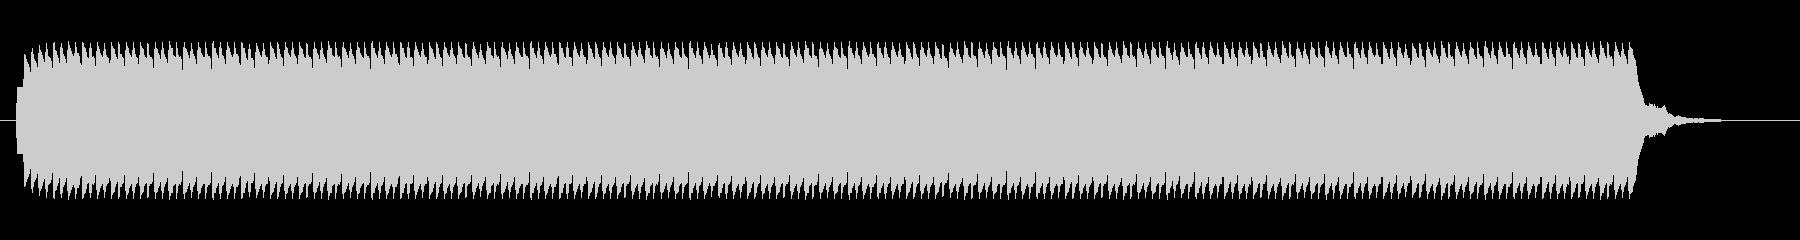 鉄道サウンド 駅発車ベル タイプEの未再生の波形